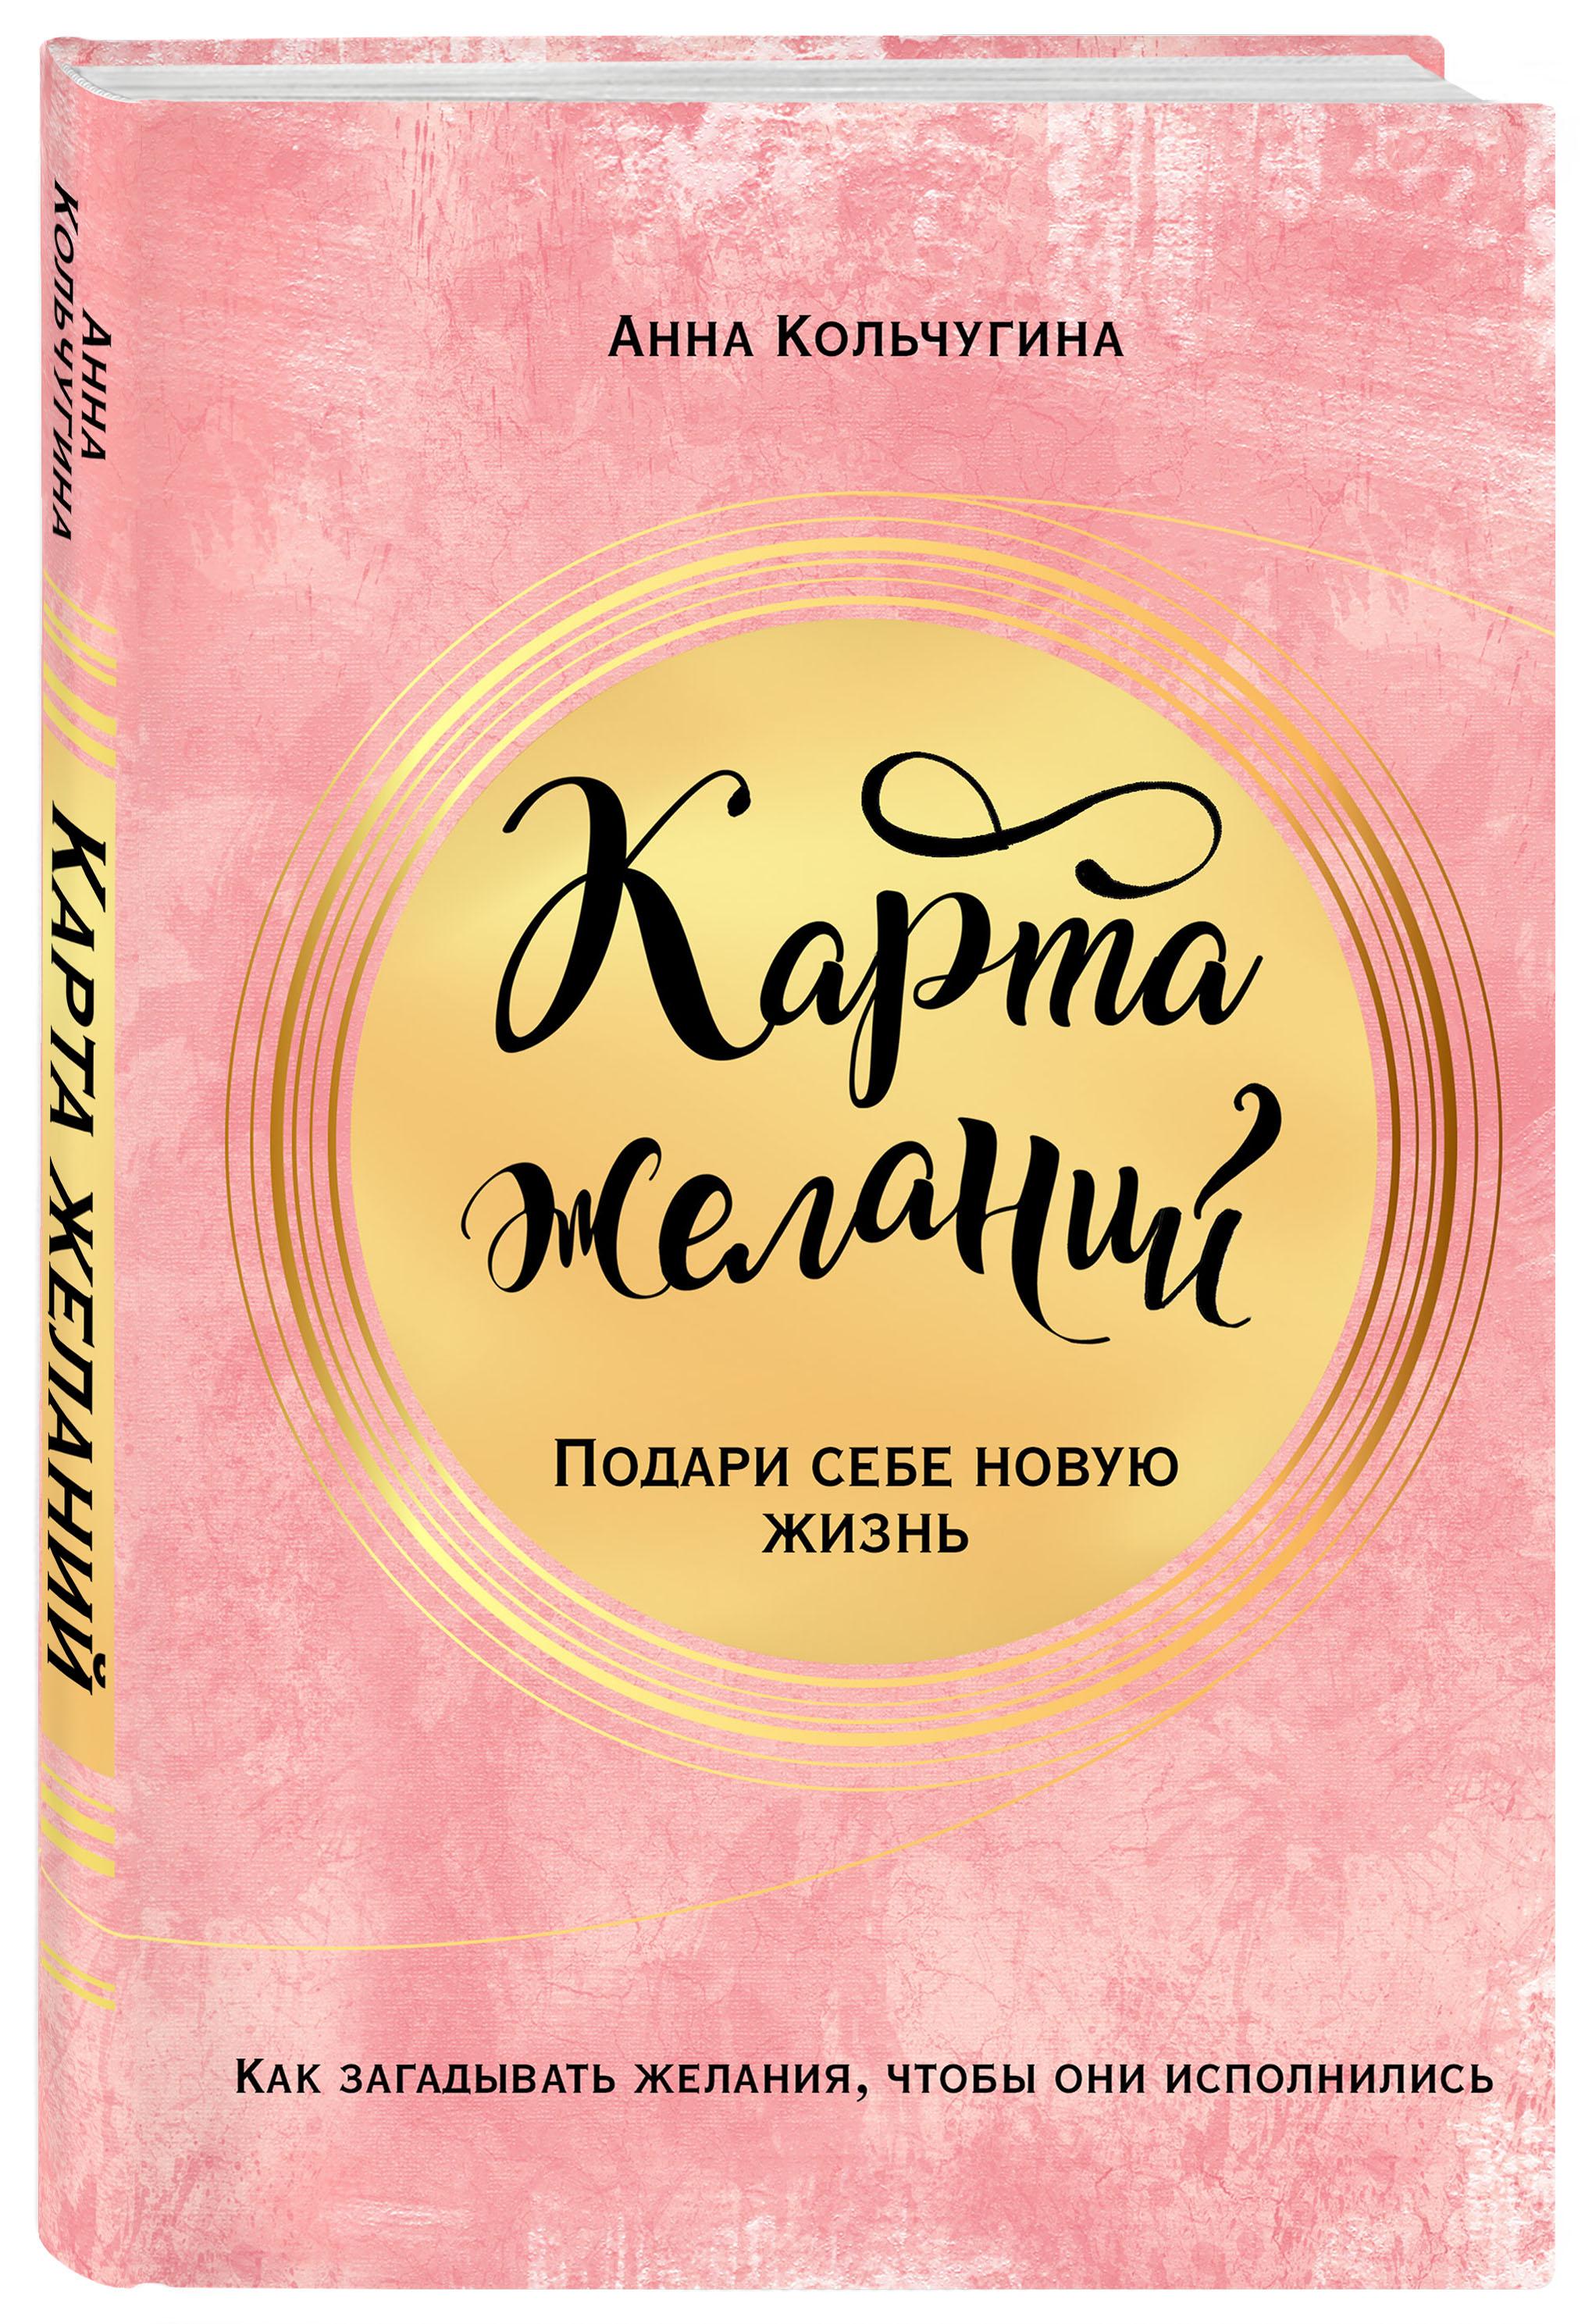 Анна Кольчугина Карта желаний. Подари себе новую жизнь